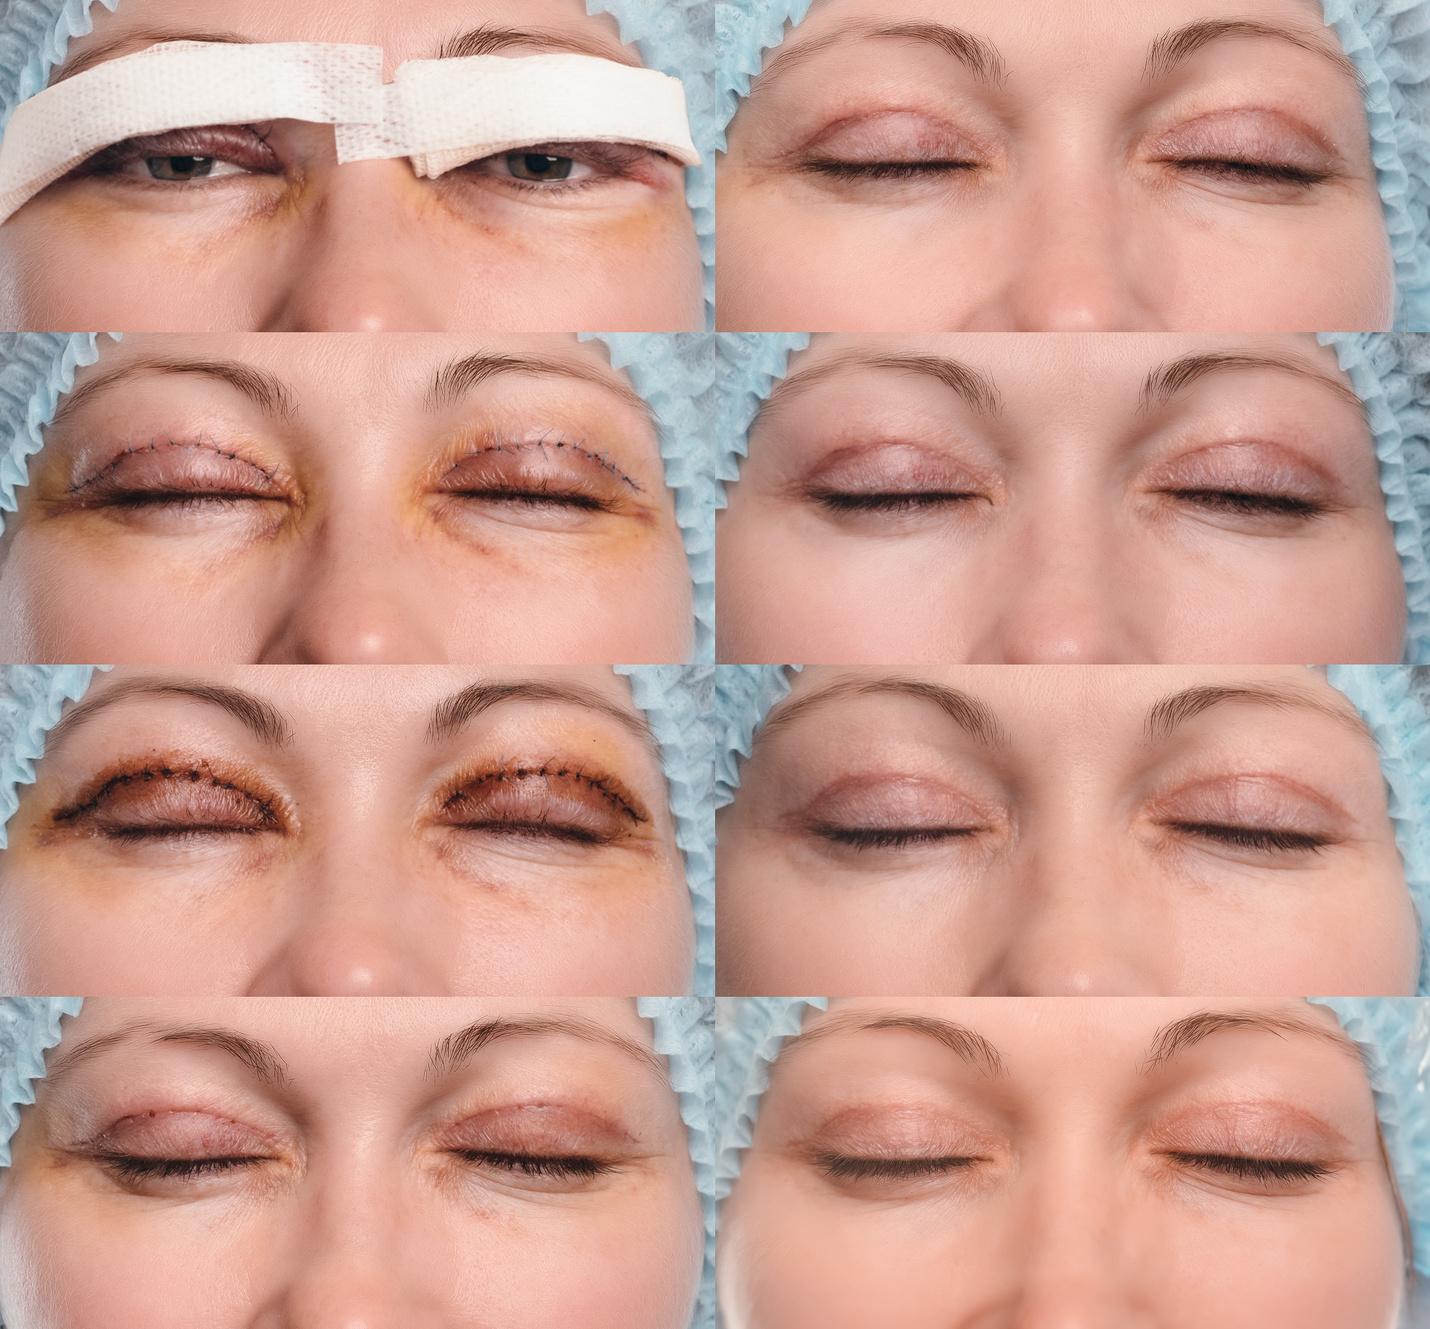 Blepharoplastyka chirurgia plastyczna